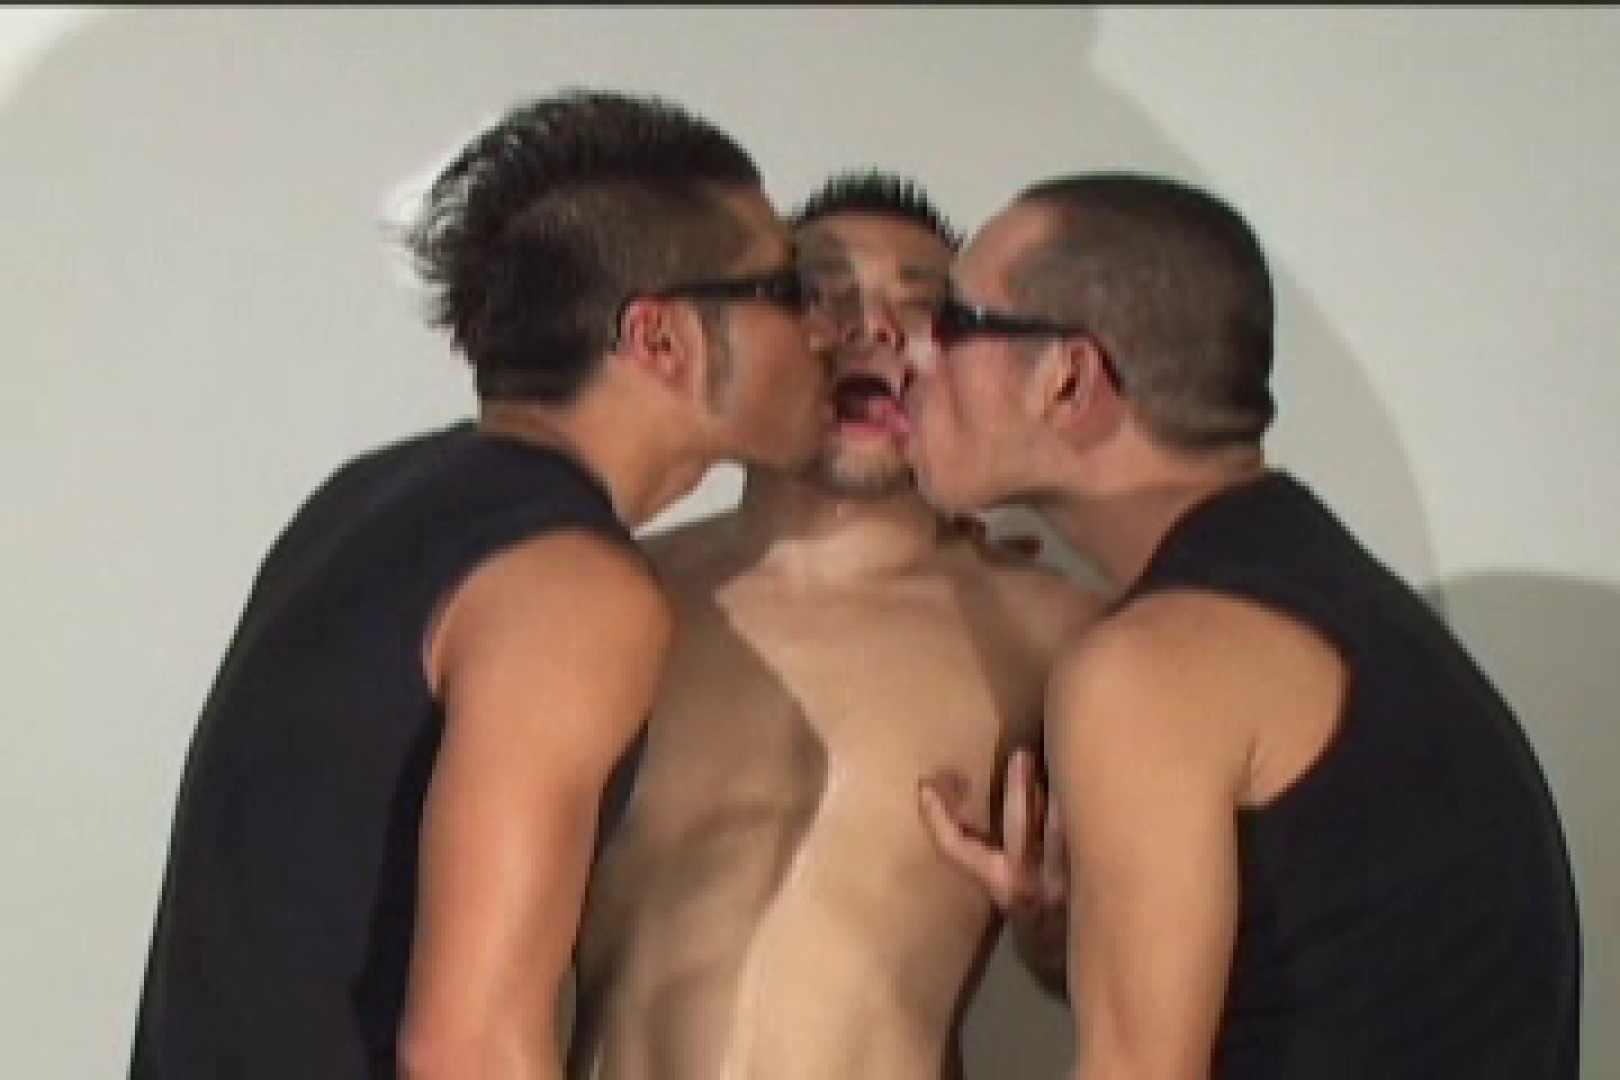 体育会系モッコリ祭り12 男に首ったけ ゲイ無修正ビデオ画像 44連発 19